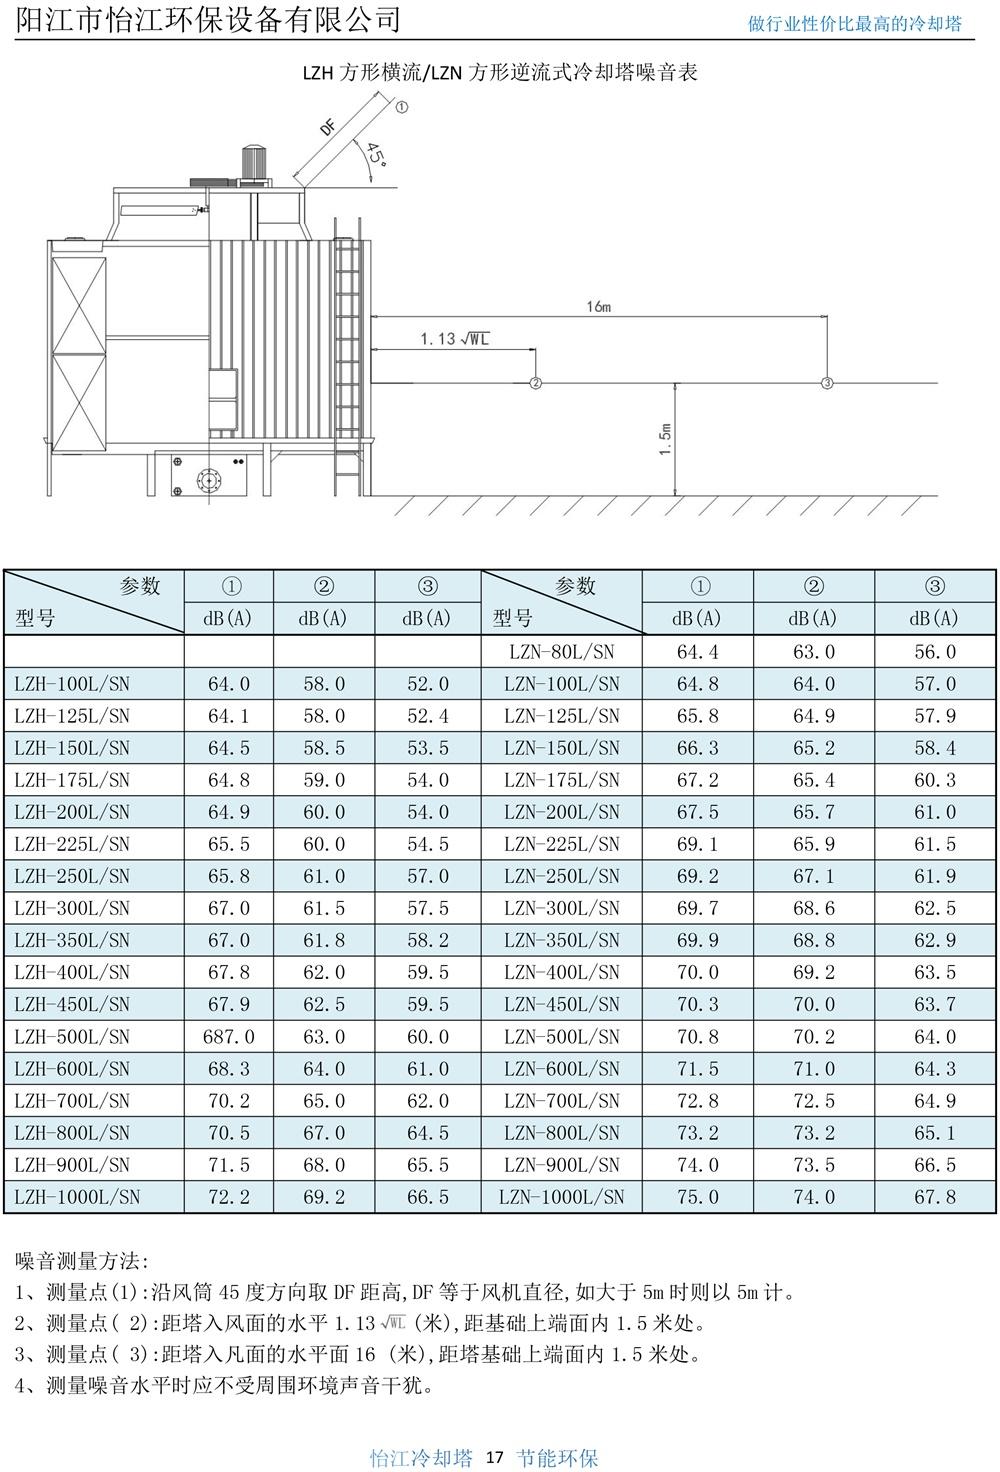 產品手冊(彩頁)3-17.jpg